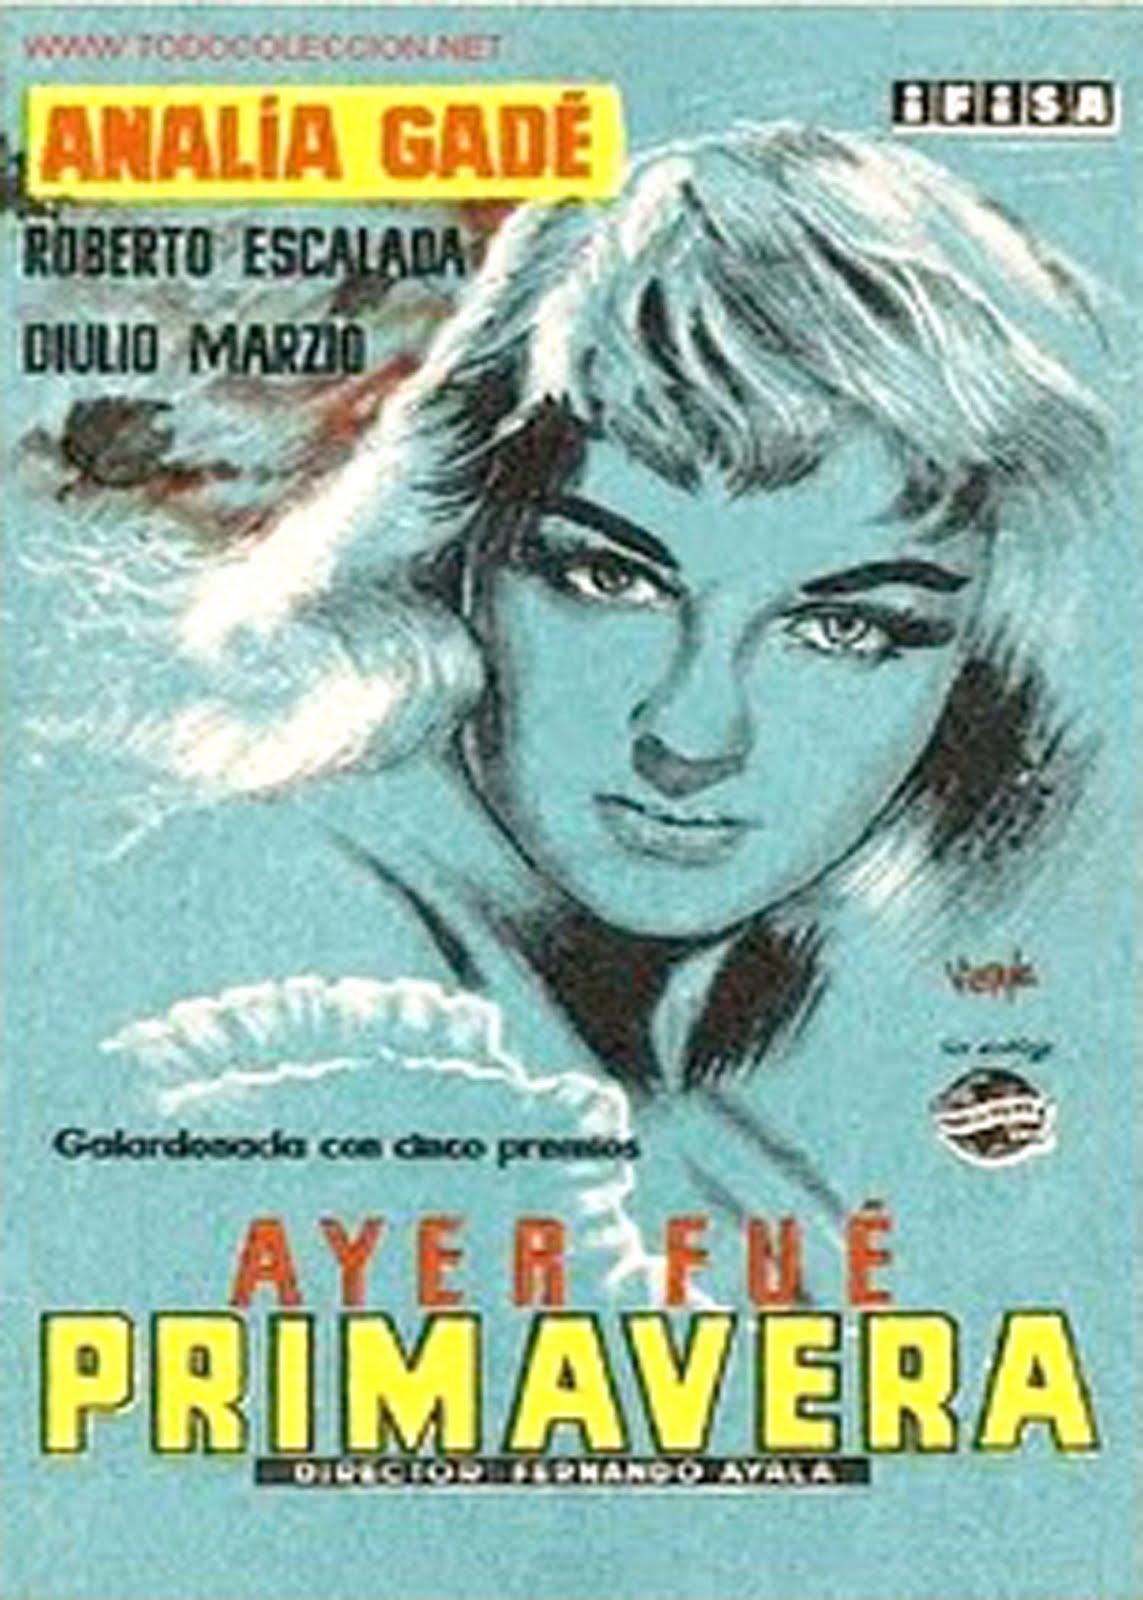 Ayer Fué Primavera (1955)